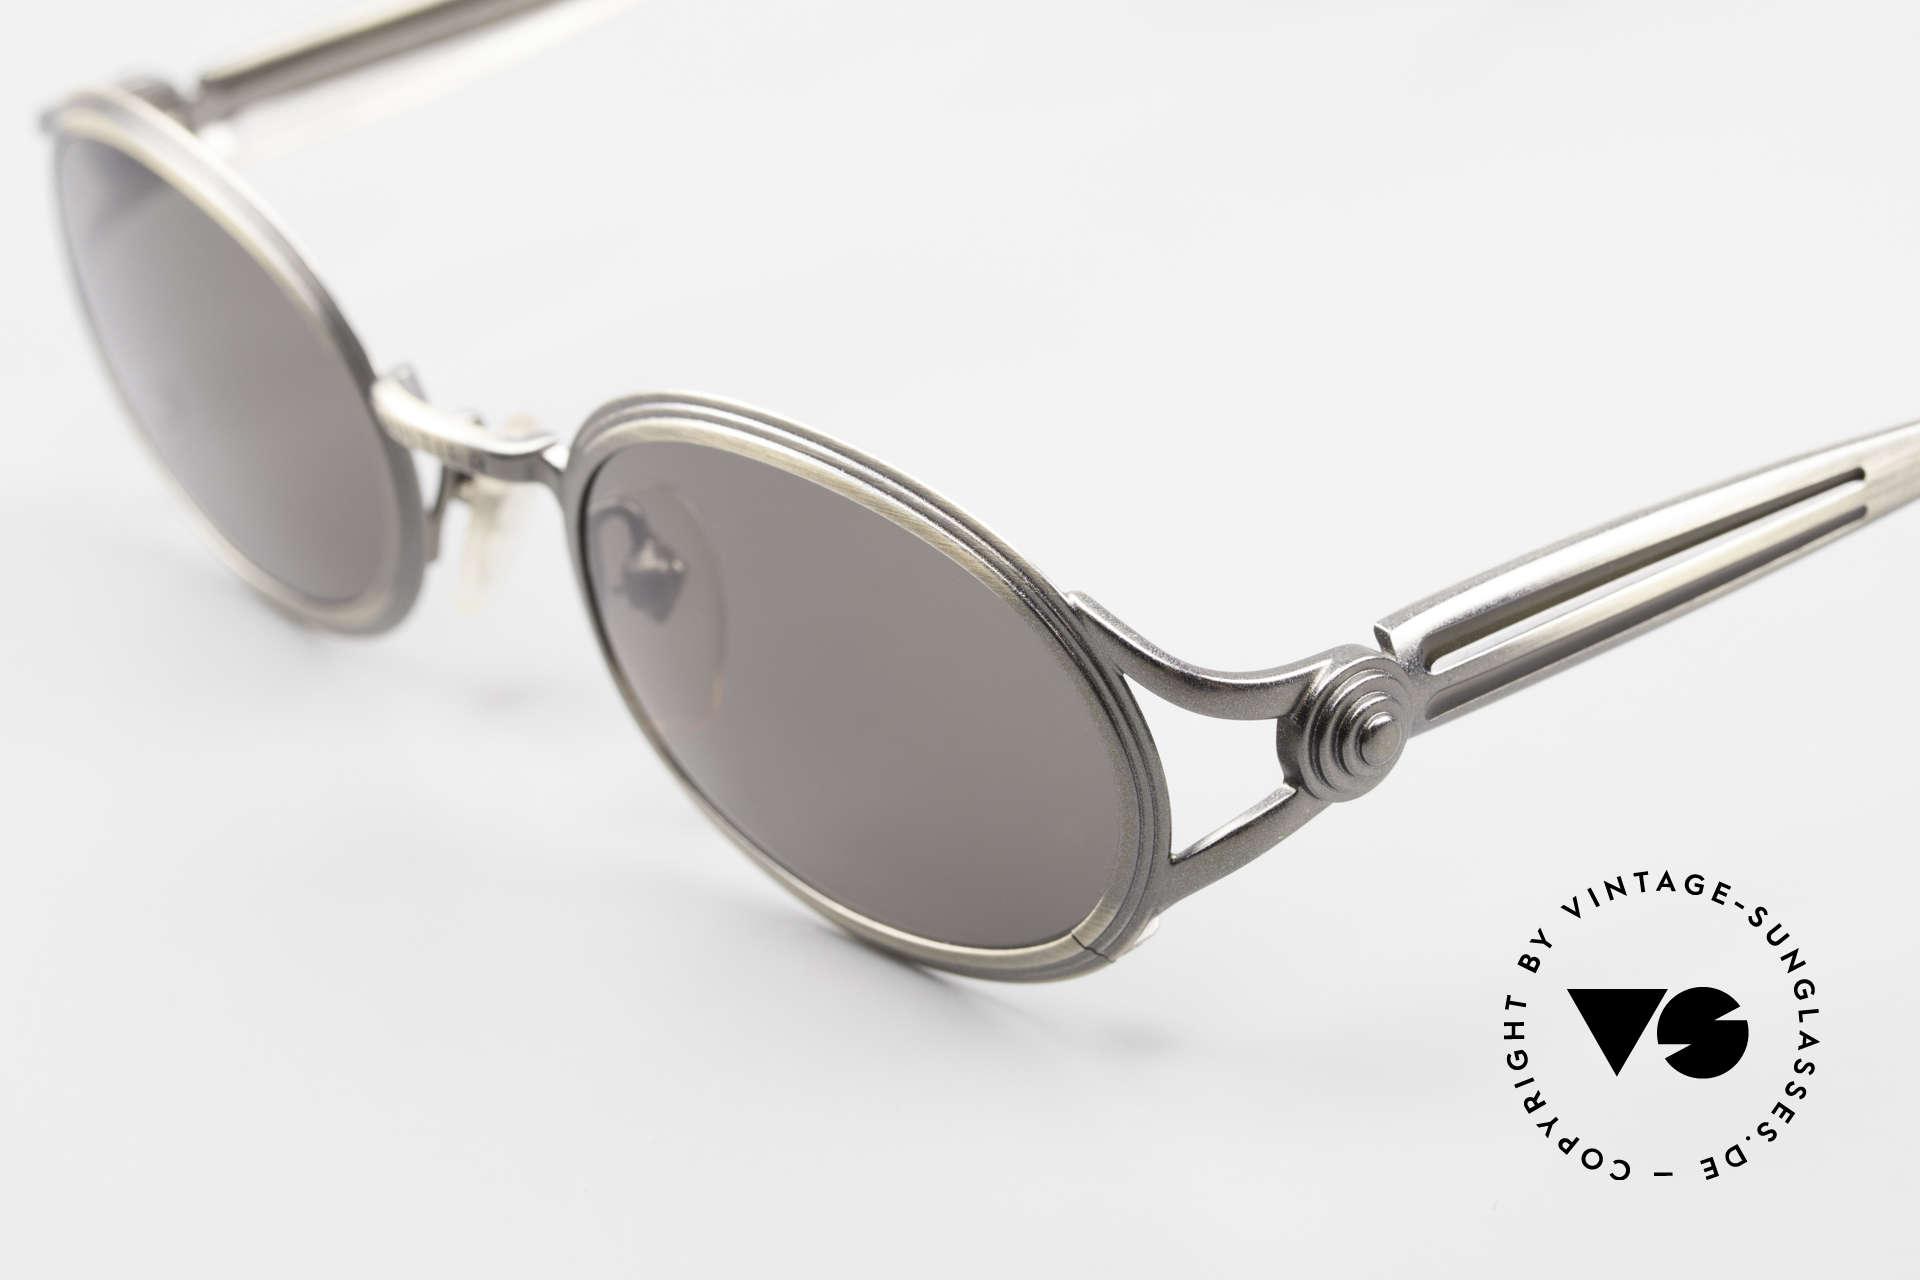 Jean Paul Gaultier 56-7114 Ovale Steampunk Sonnenbrille, herausragende Qualität (Muss man einfach fühlen!!), Passend für Herren und Damen